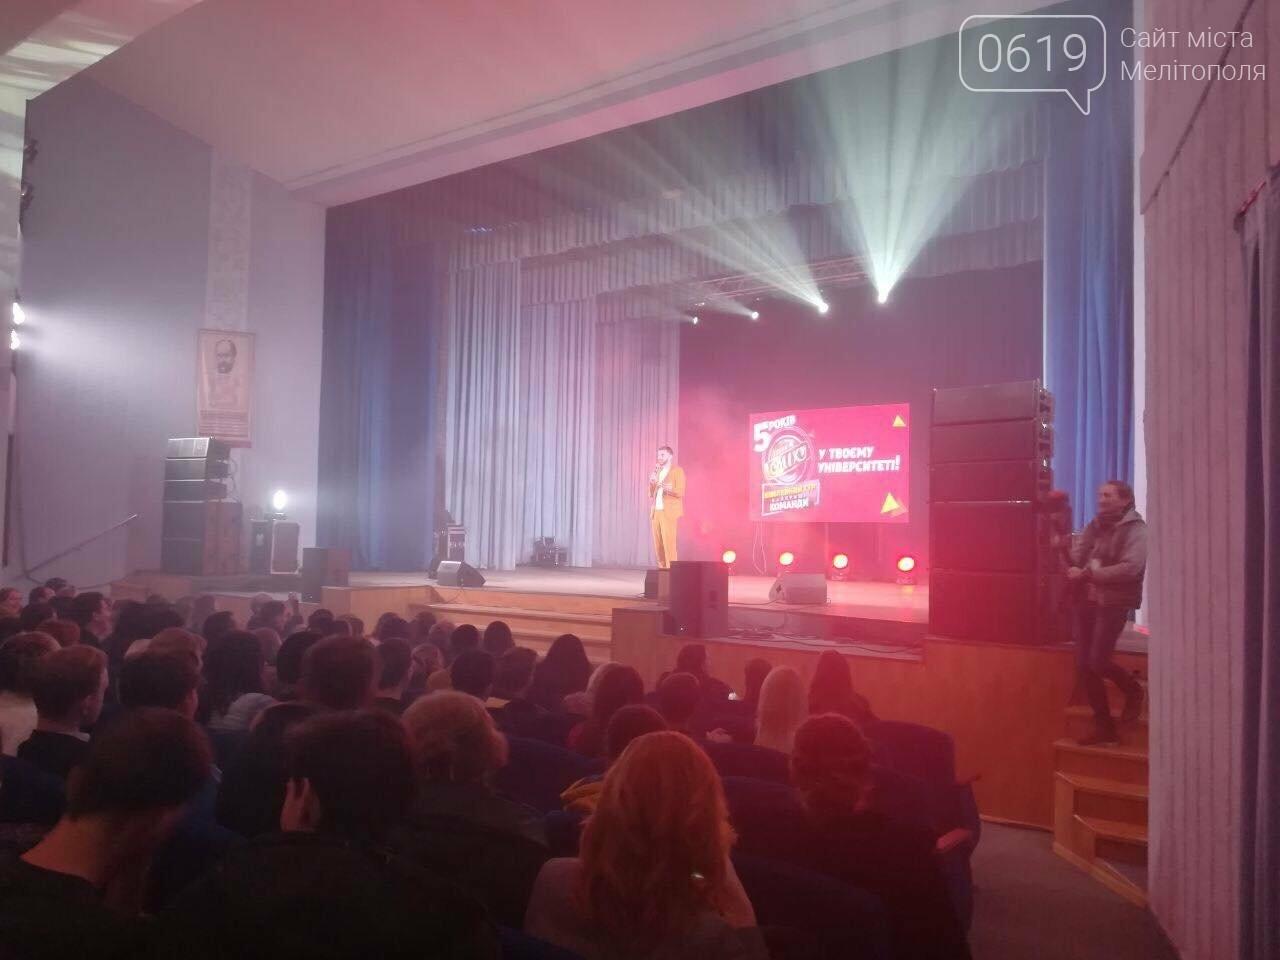 """Звезды """"Лиги смеха"""" отмечают юбилей в Мелитополе , фото-4"""